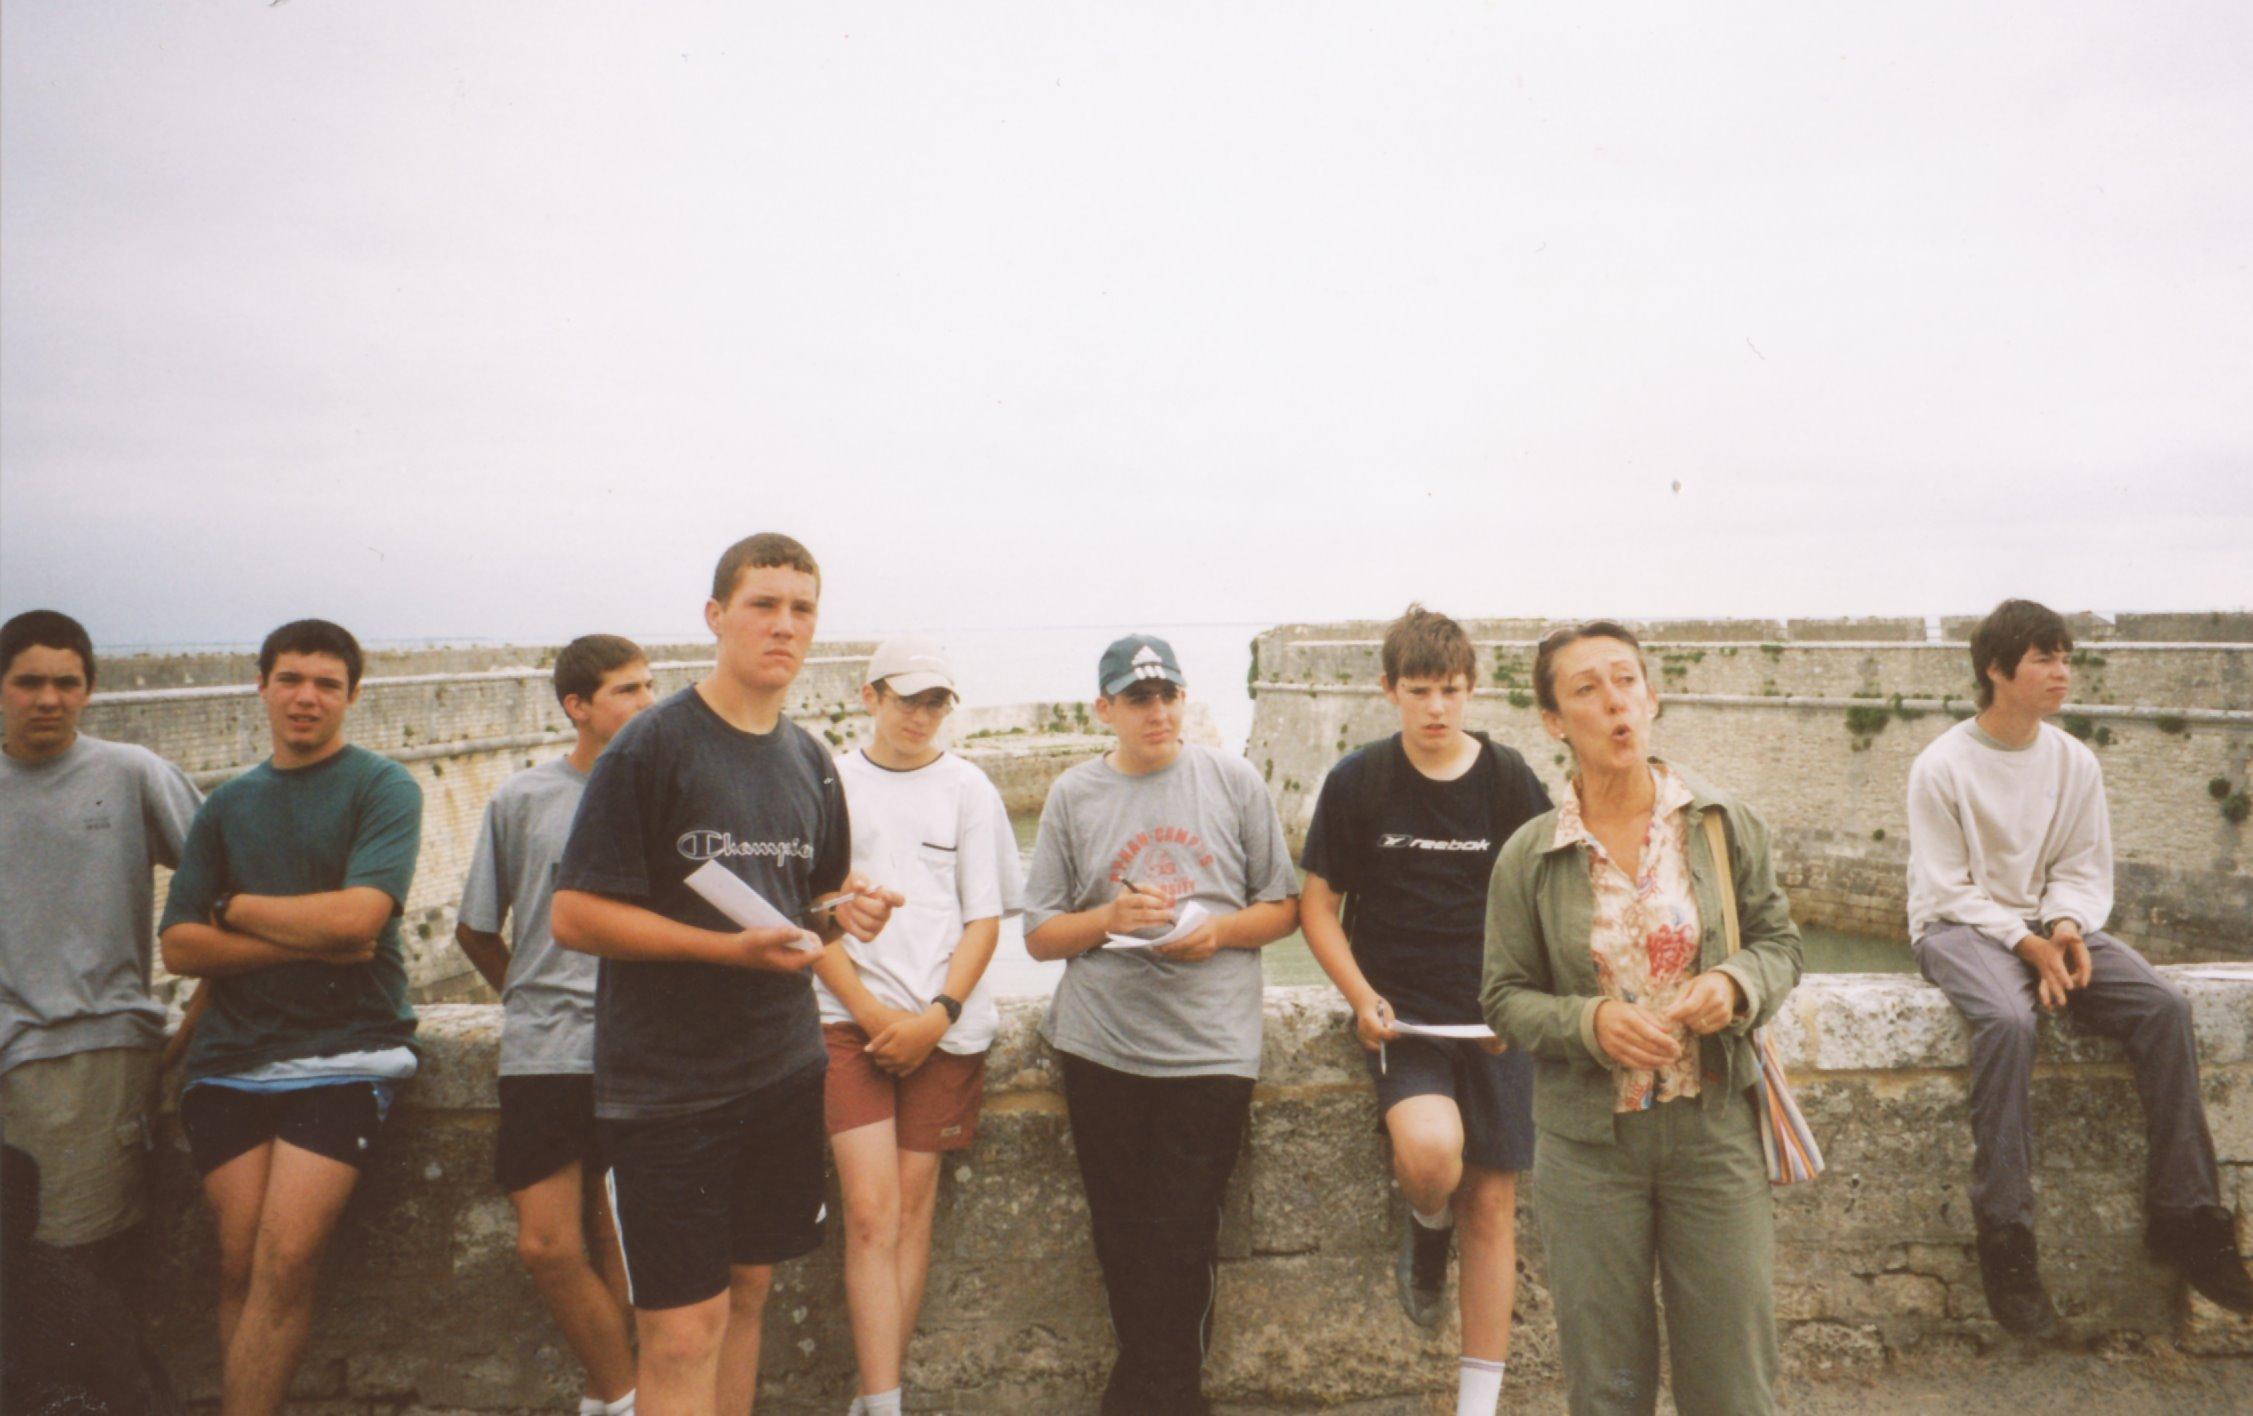 Archives anciens élèves mfr puy-sec 2002 (1)